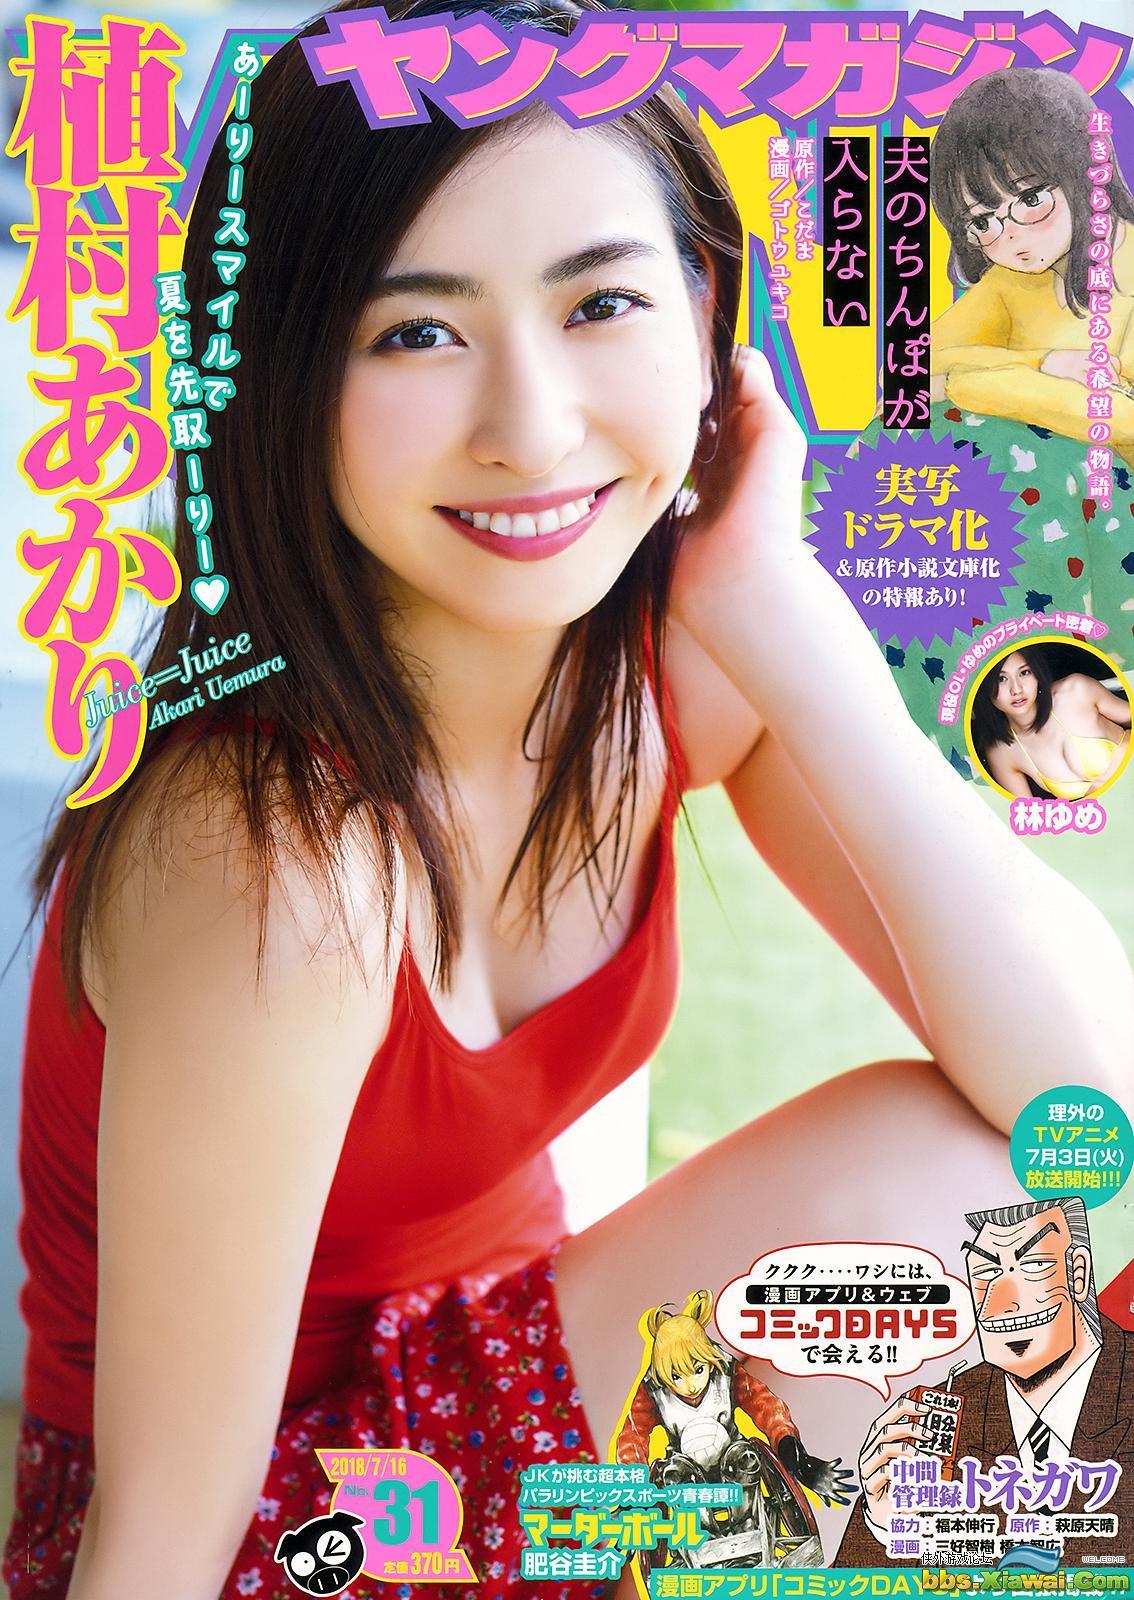 植村あかり- Young Magazine 2018.07.16